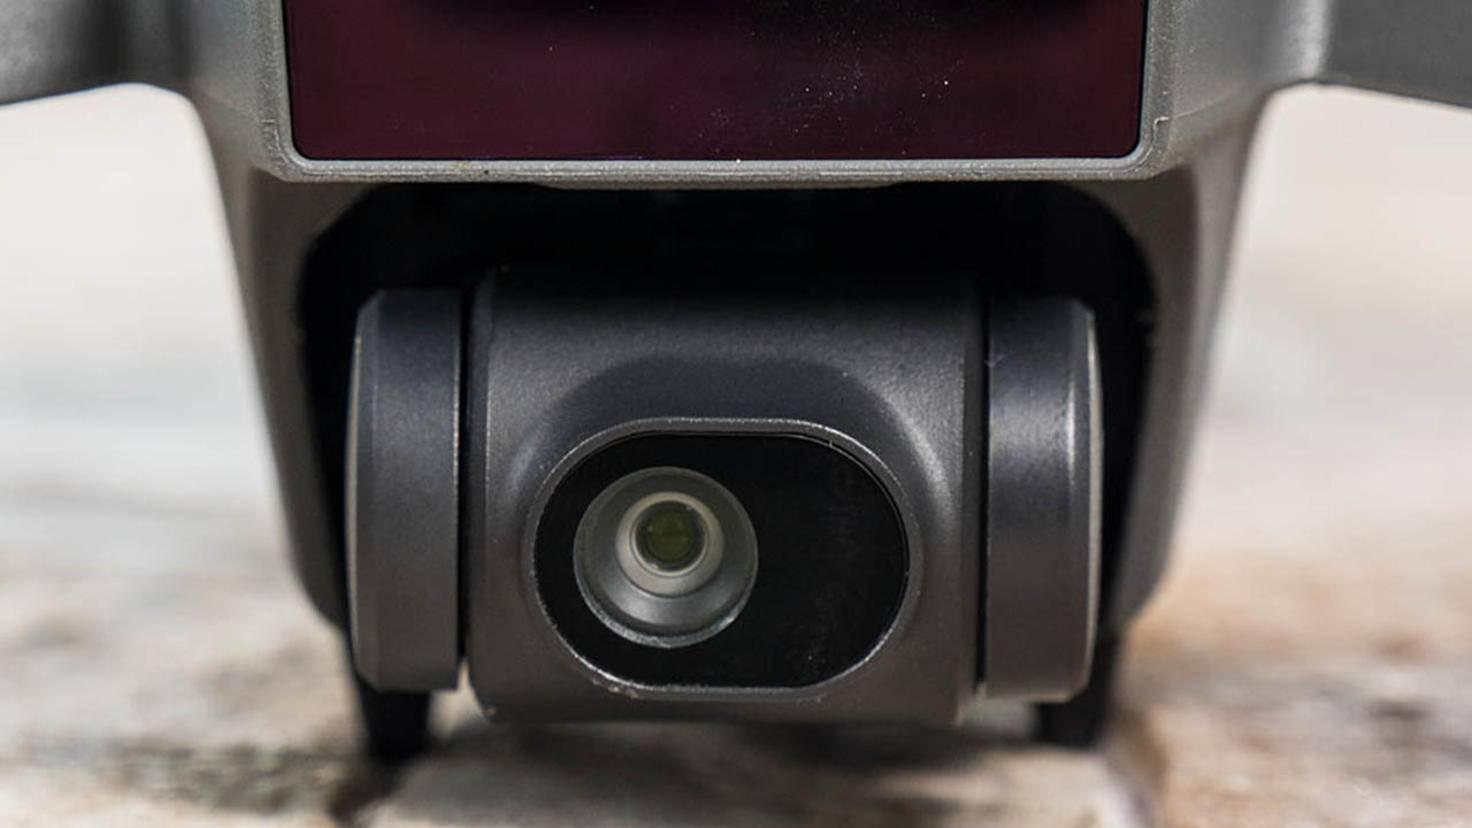 Dennoch bringt sie eine starke Kamera mit, die Full-HD-Videos und 12-MP-Fotos liefert.